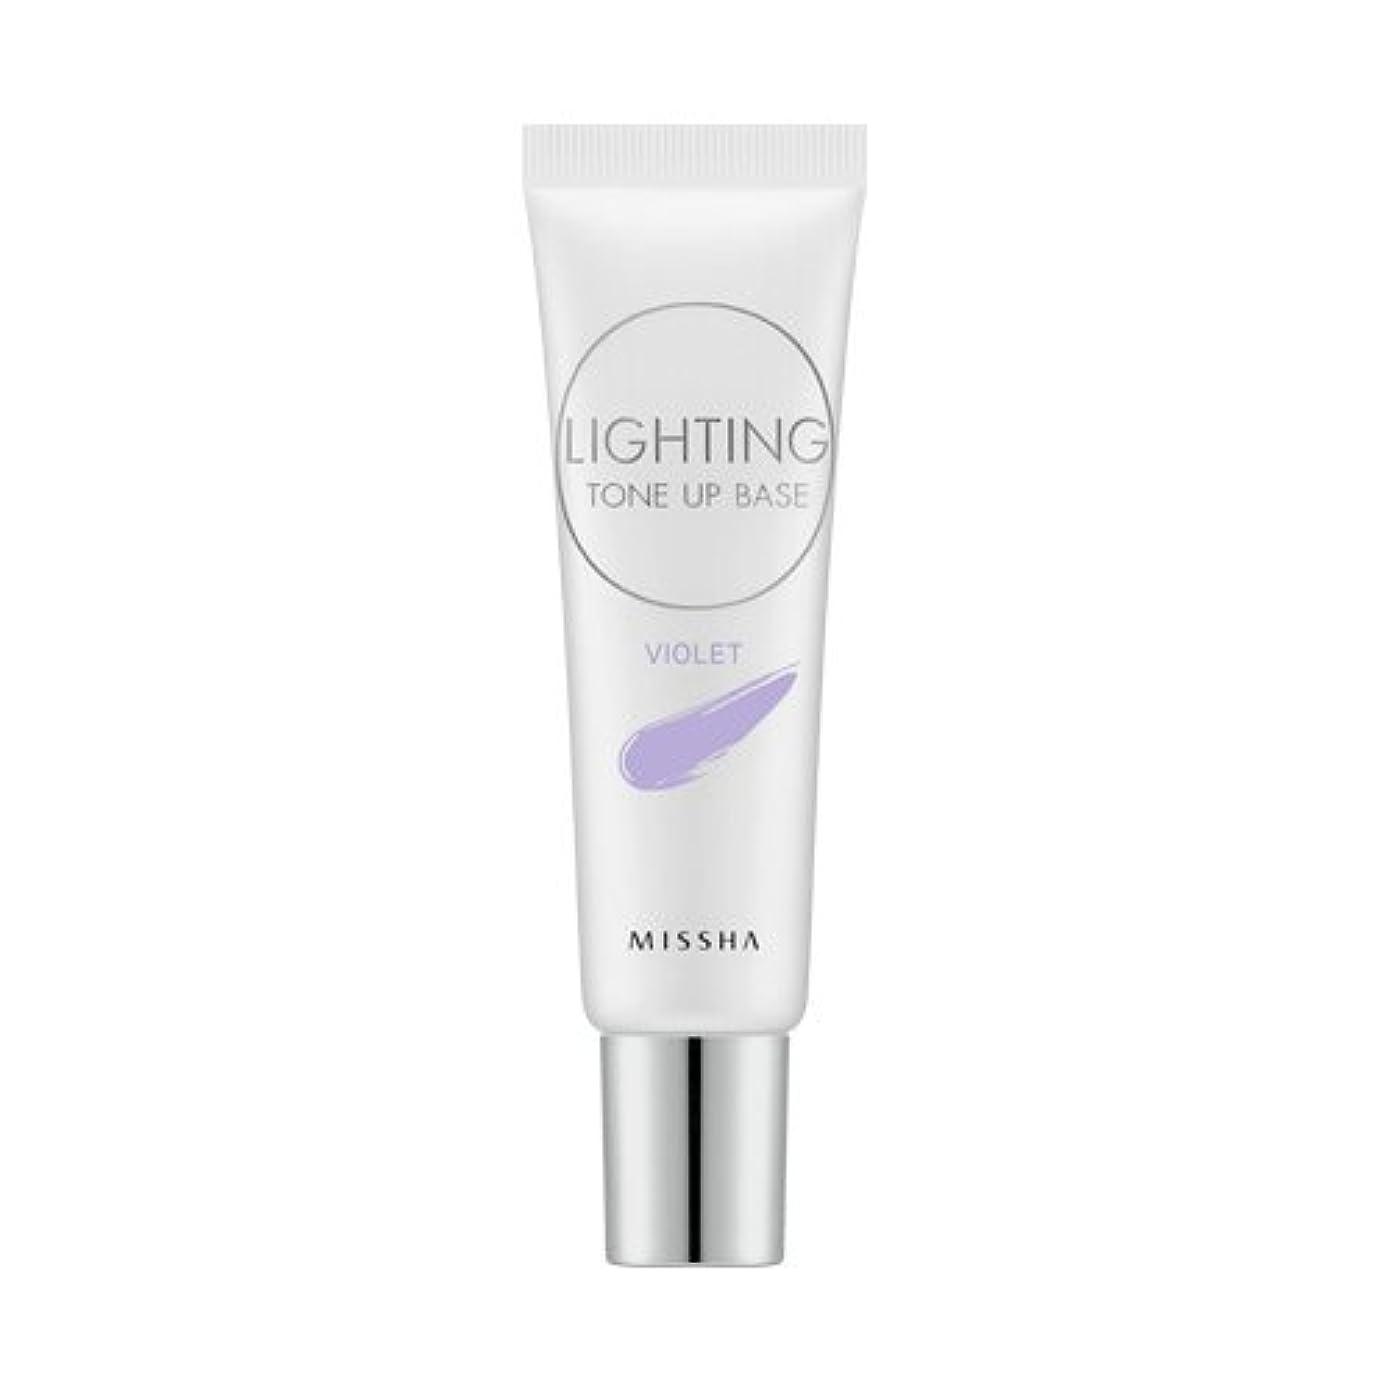 スムーズに郵便屋さんエンドテーブルMISSHA Lighting Tone Up Base 20ml/ミシャ ライティング トーン アップ ベース 20ml (#Violet)